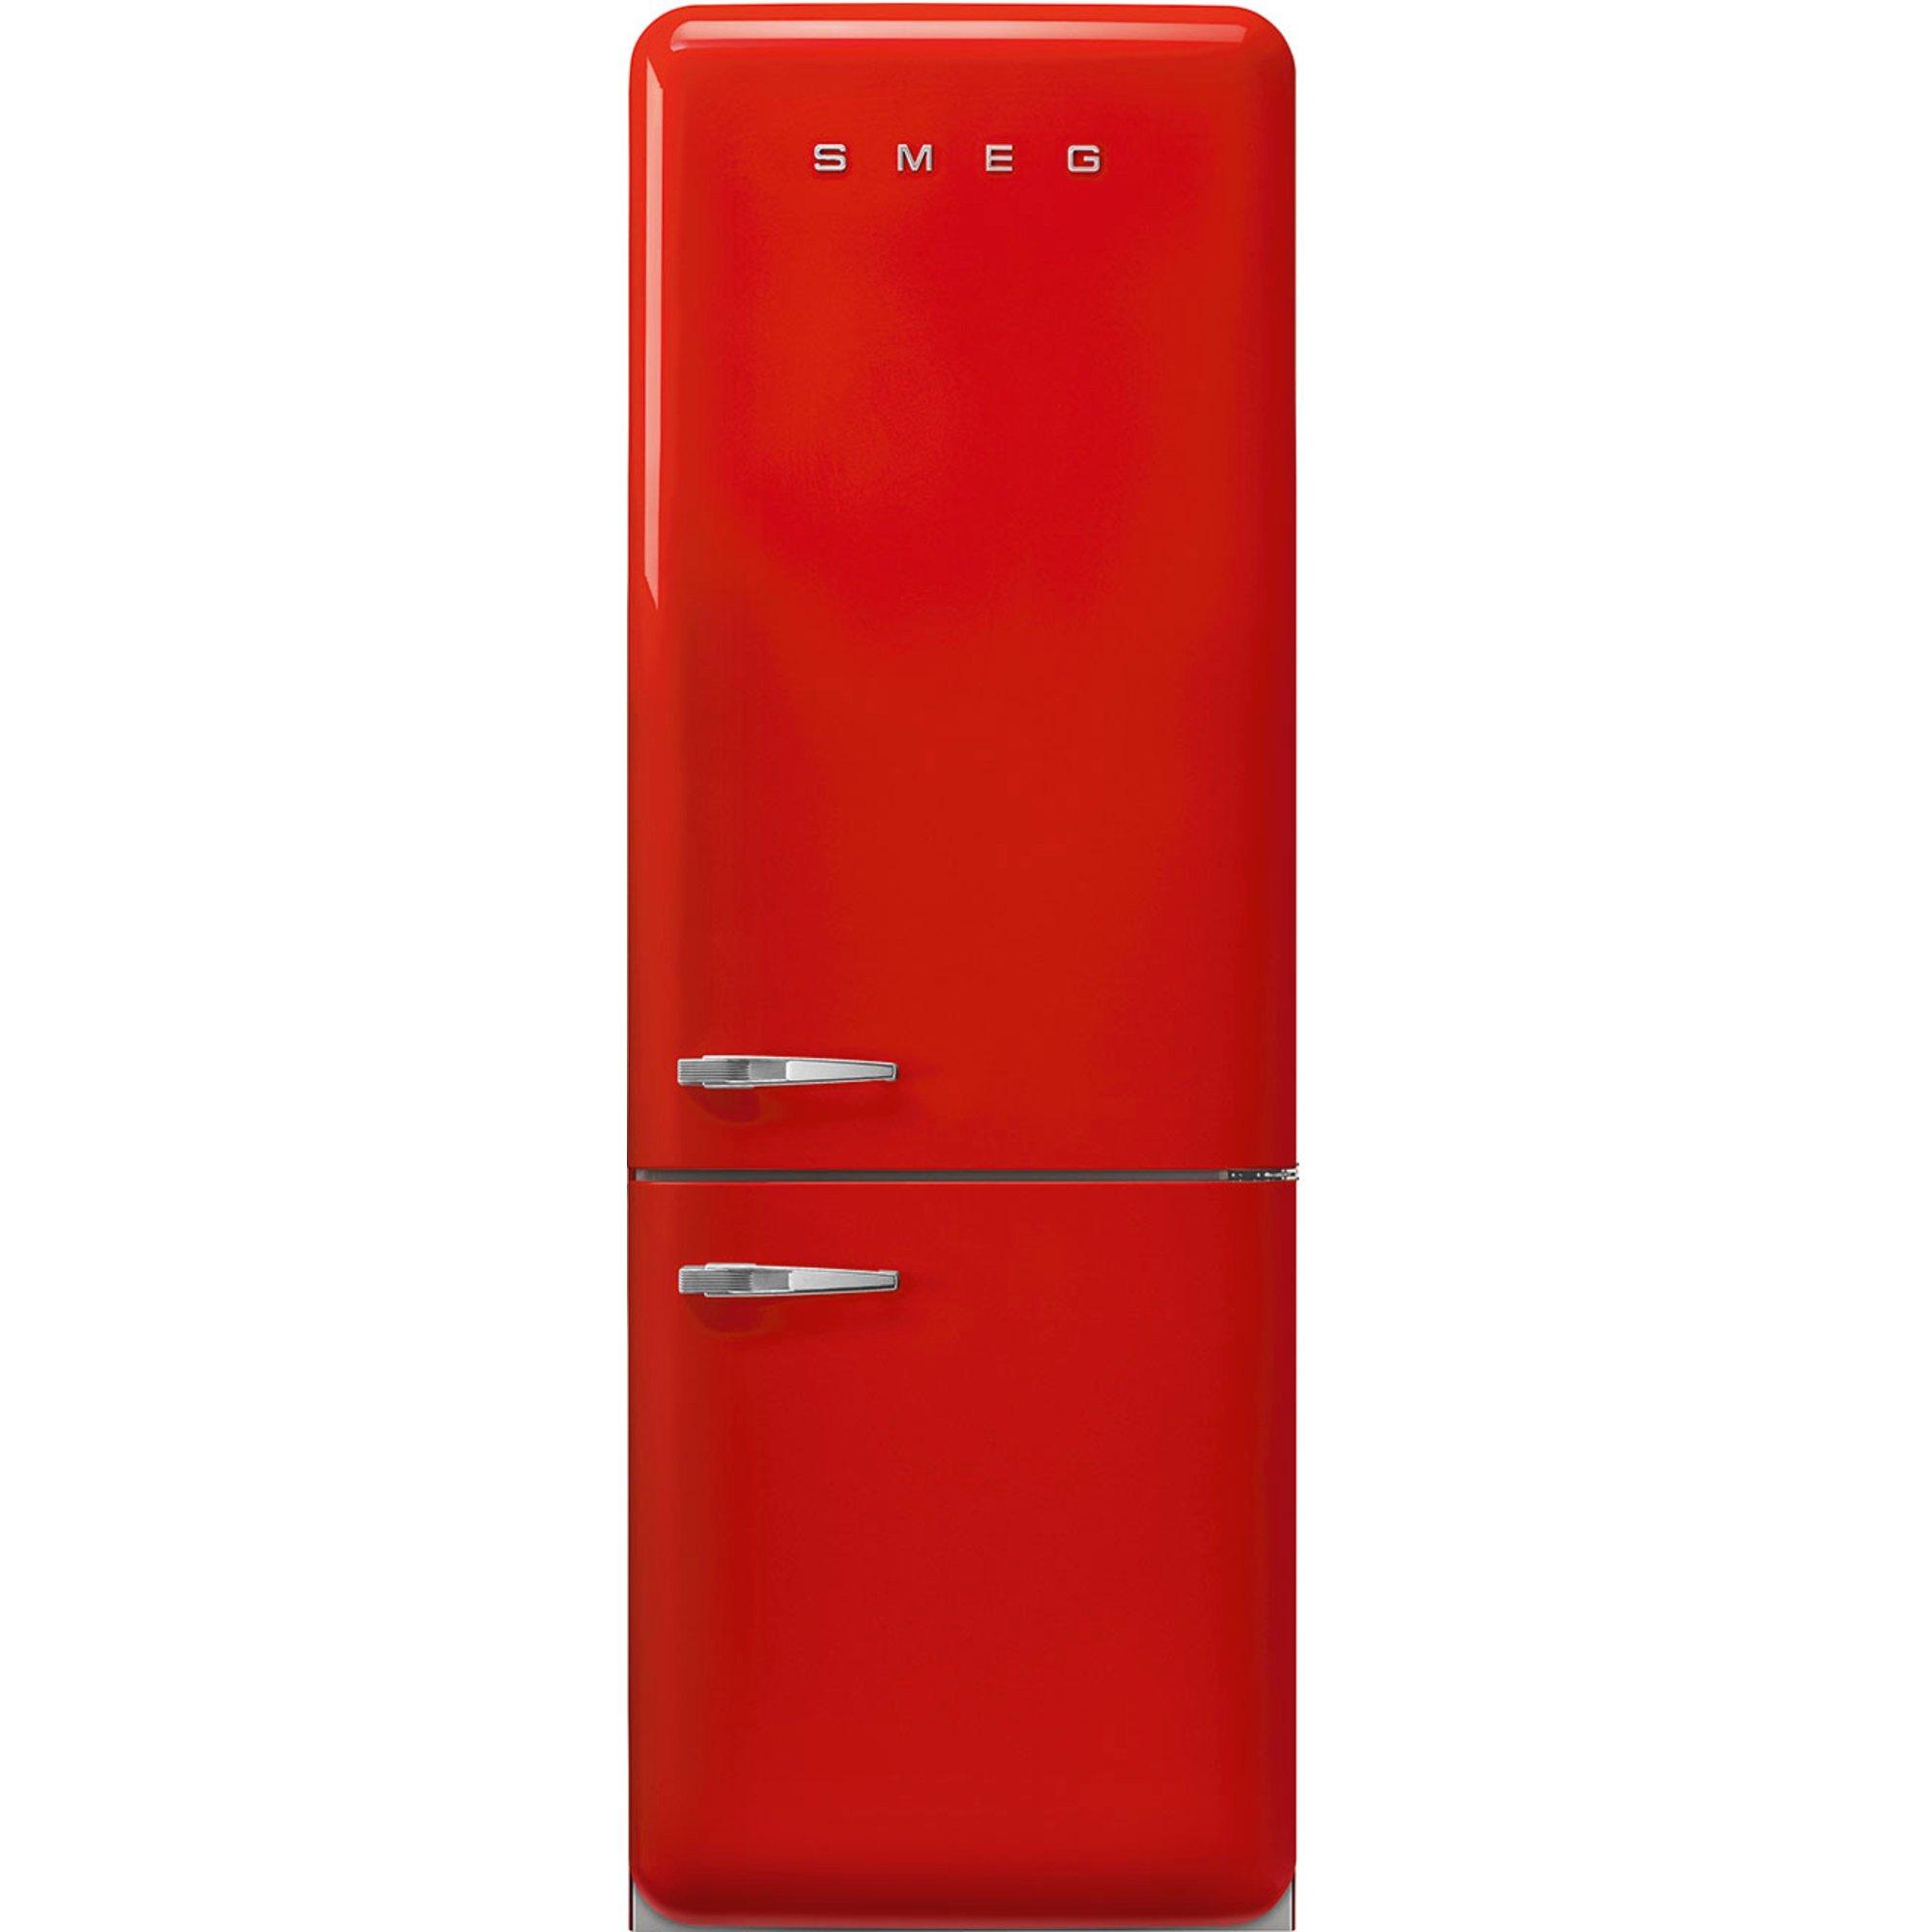 Smeg FAB38RRD5 køle-/fryseskab, rød